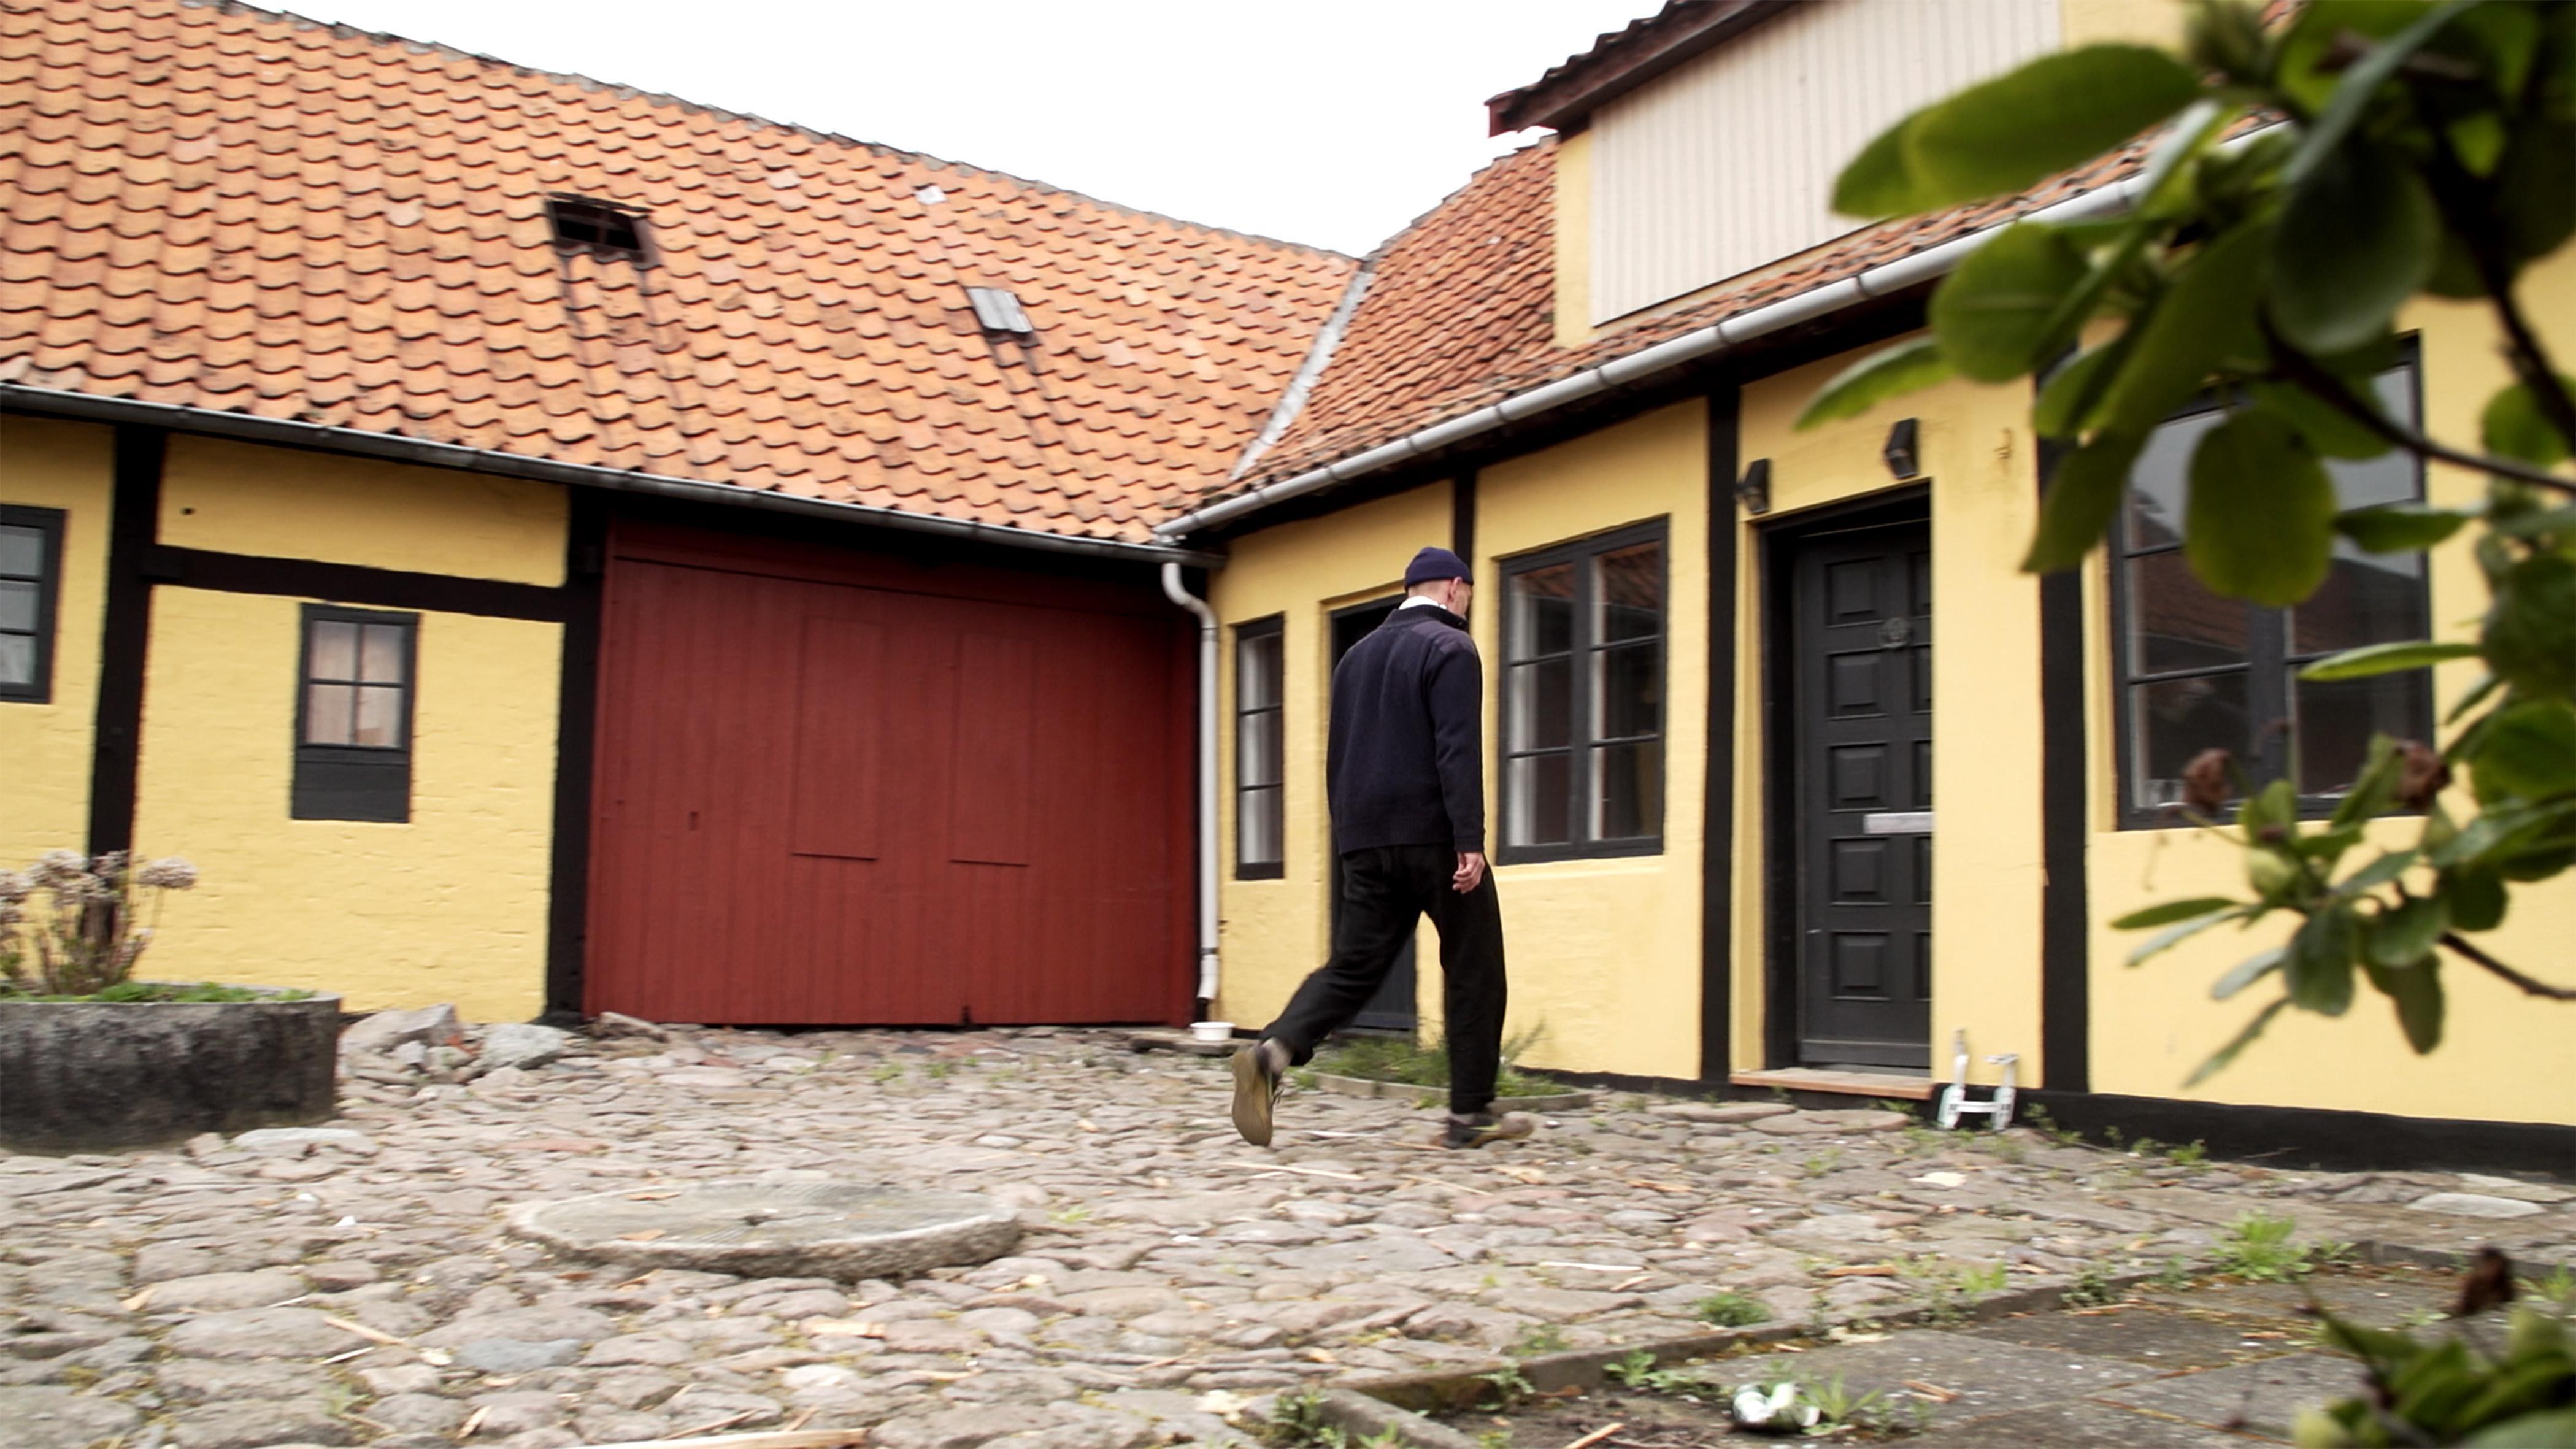 Vores første hus: Snedkergården med de mange overraskelser